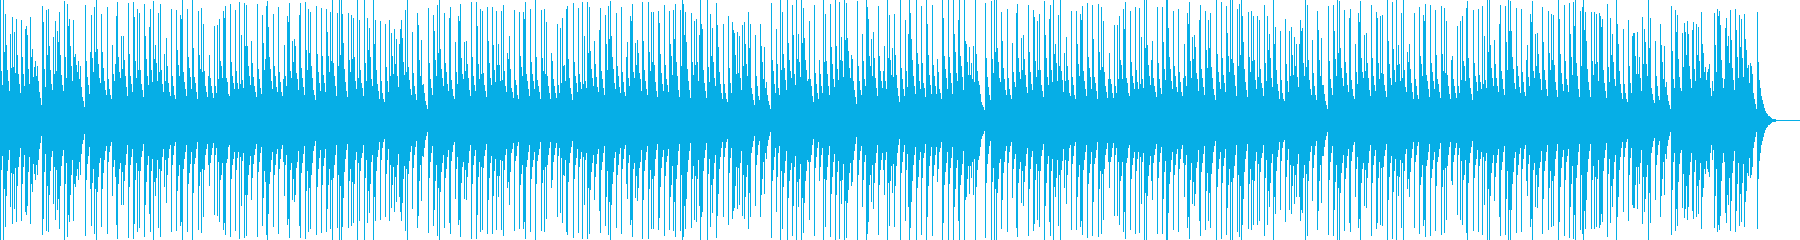 オルゴール曲/楽しいポップ、かわいい動物の再生済みの波形